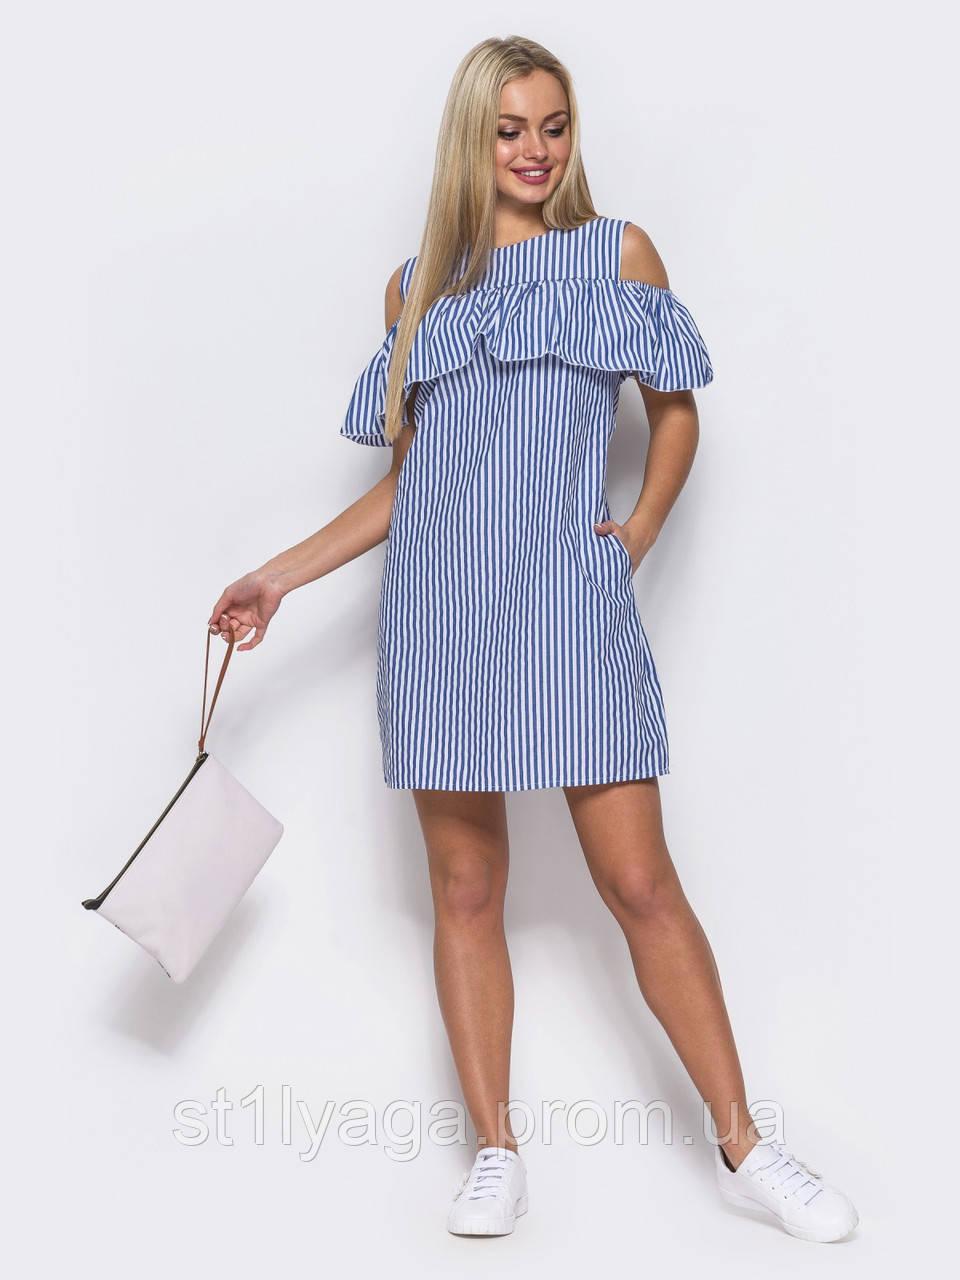 Нежное платье с вырезами на плечах и удобными карманами по бокам  синяя полоска